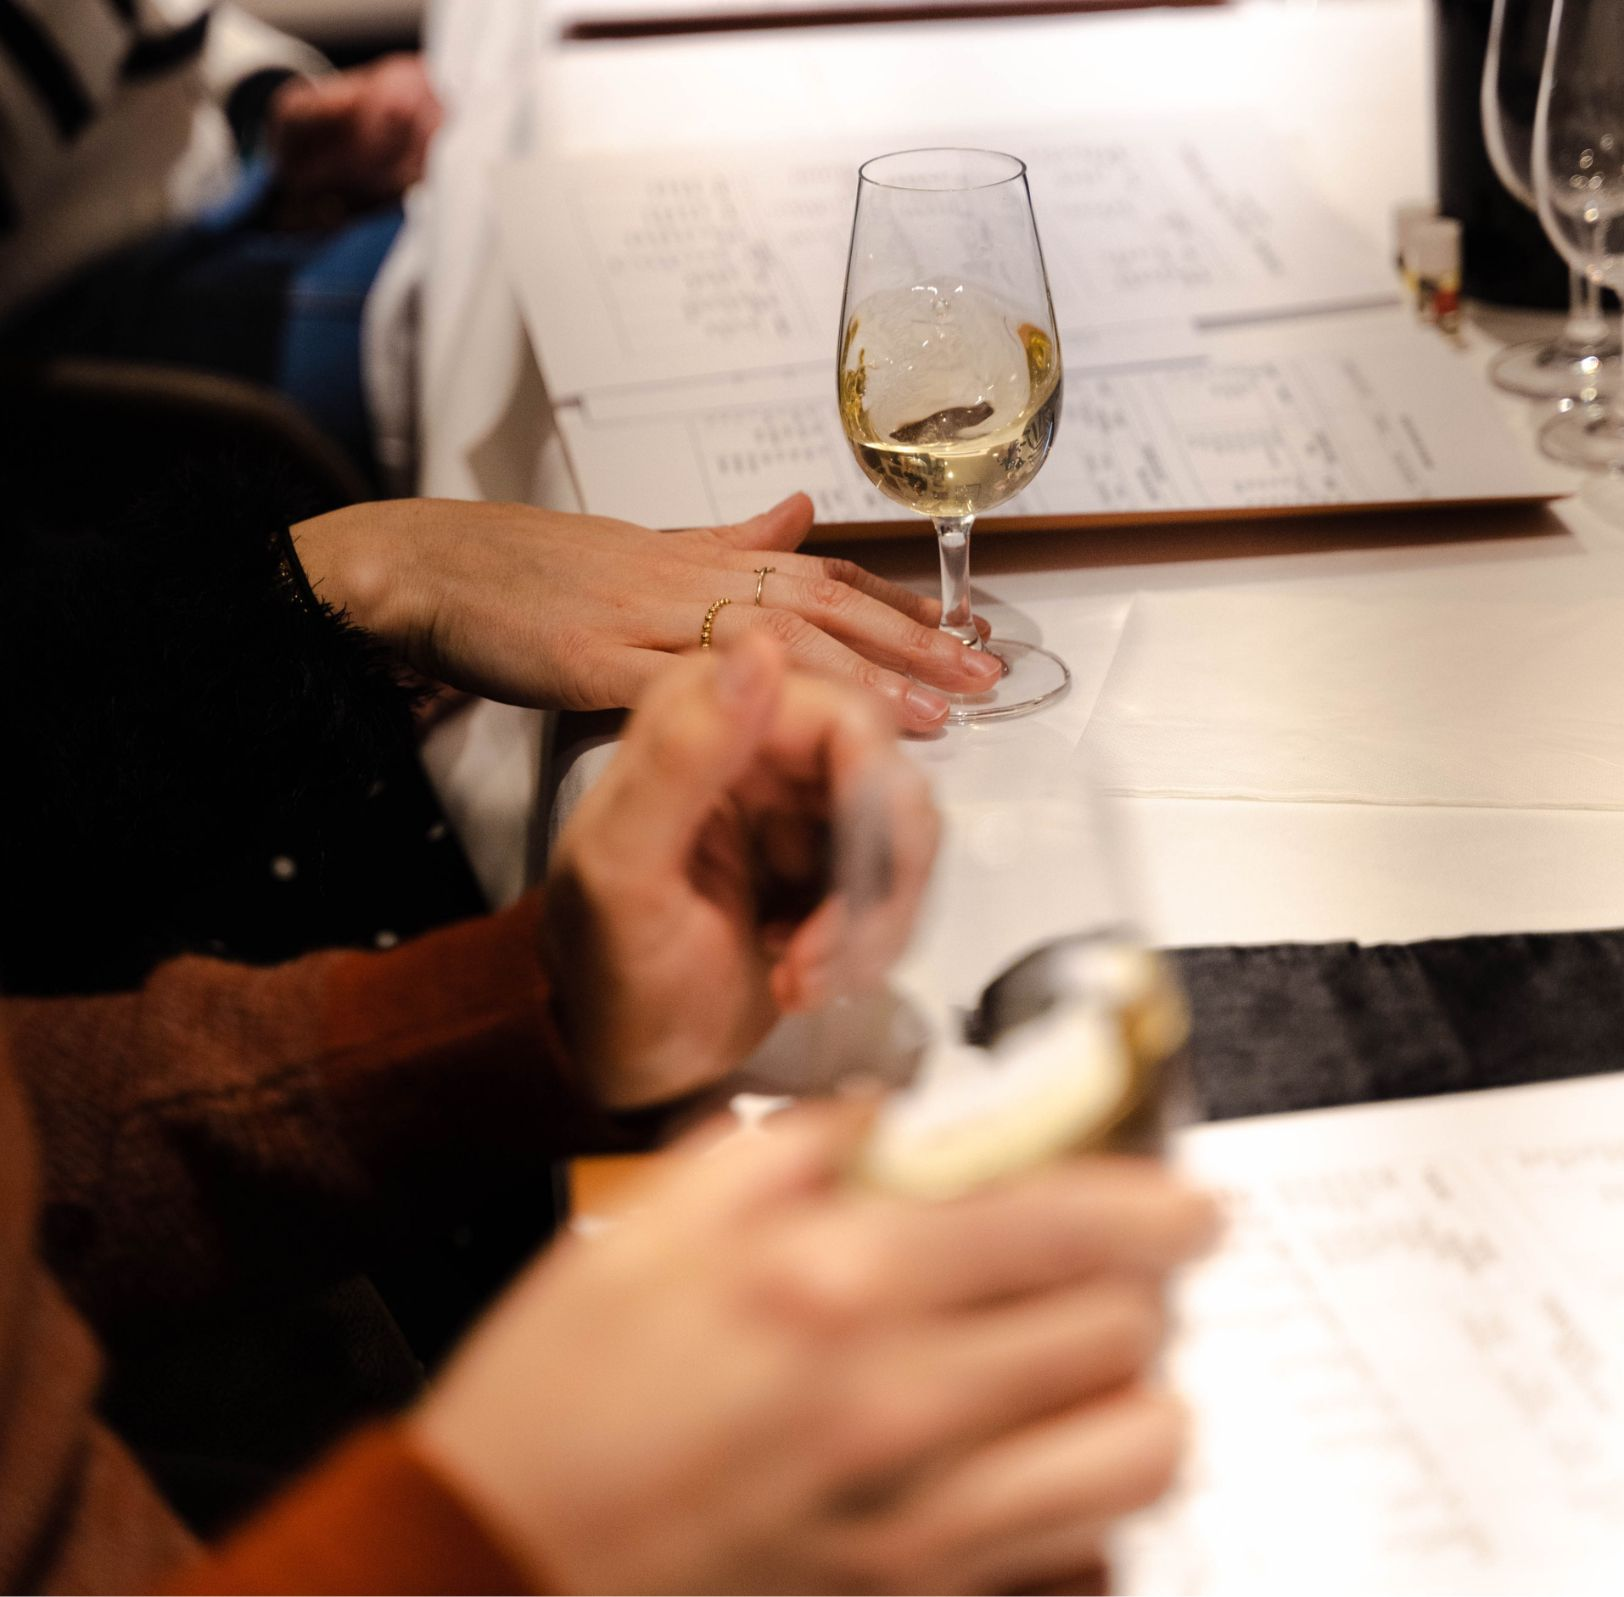 Atelier dégustation de vins | Soif. | Ateliers dégustation, vente de vins et spiritueux à Limoges